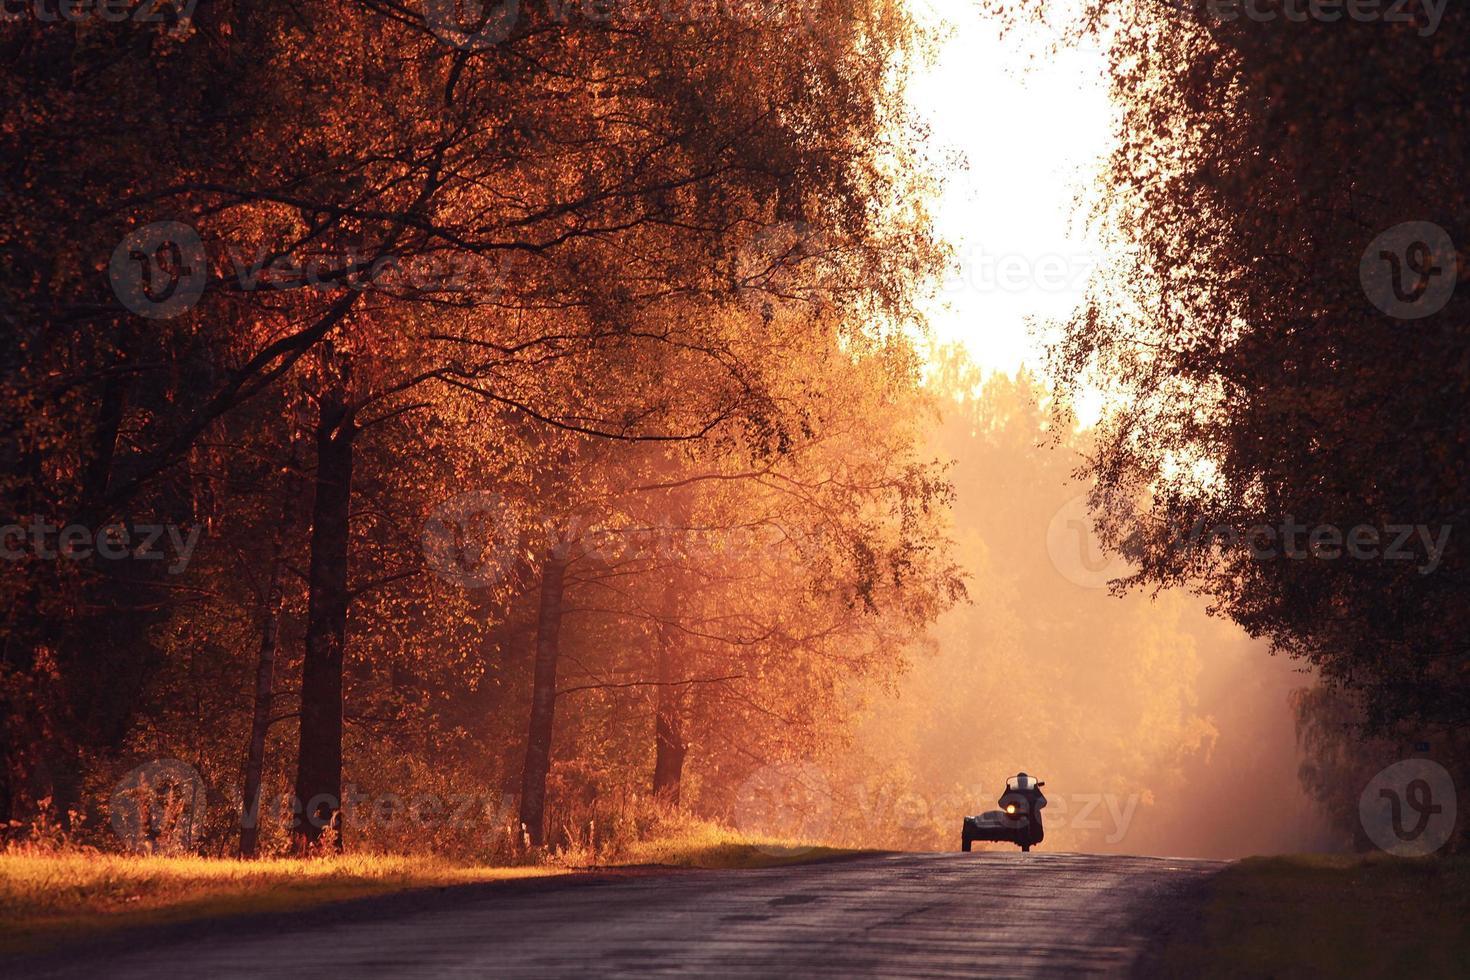 tramonto sulla strada autunnale, i raggi di luce, il viaggio foto